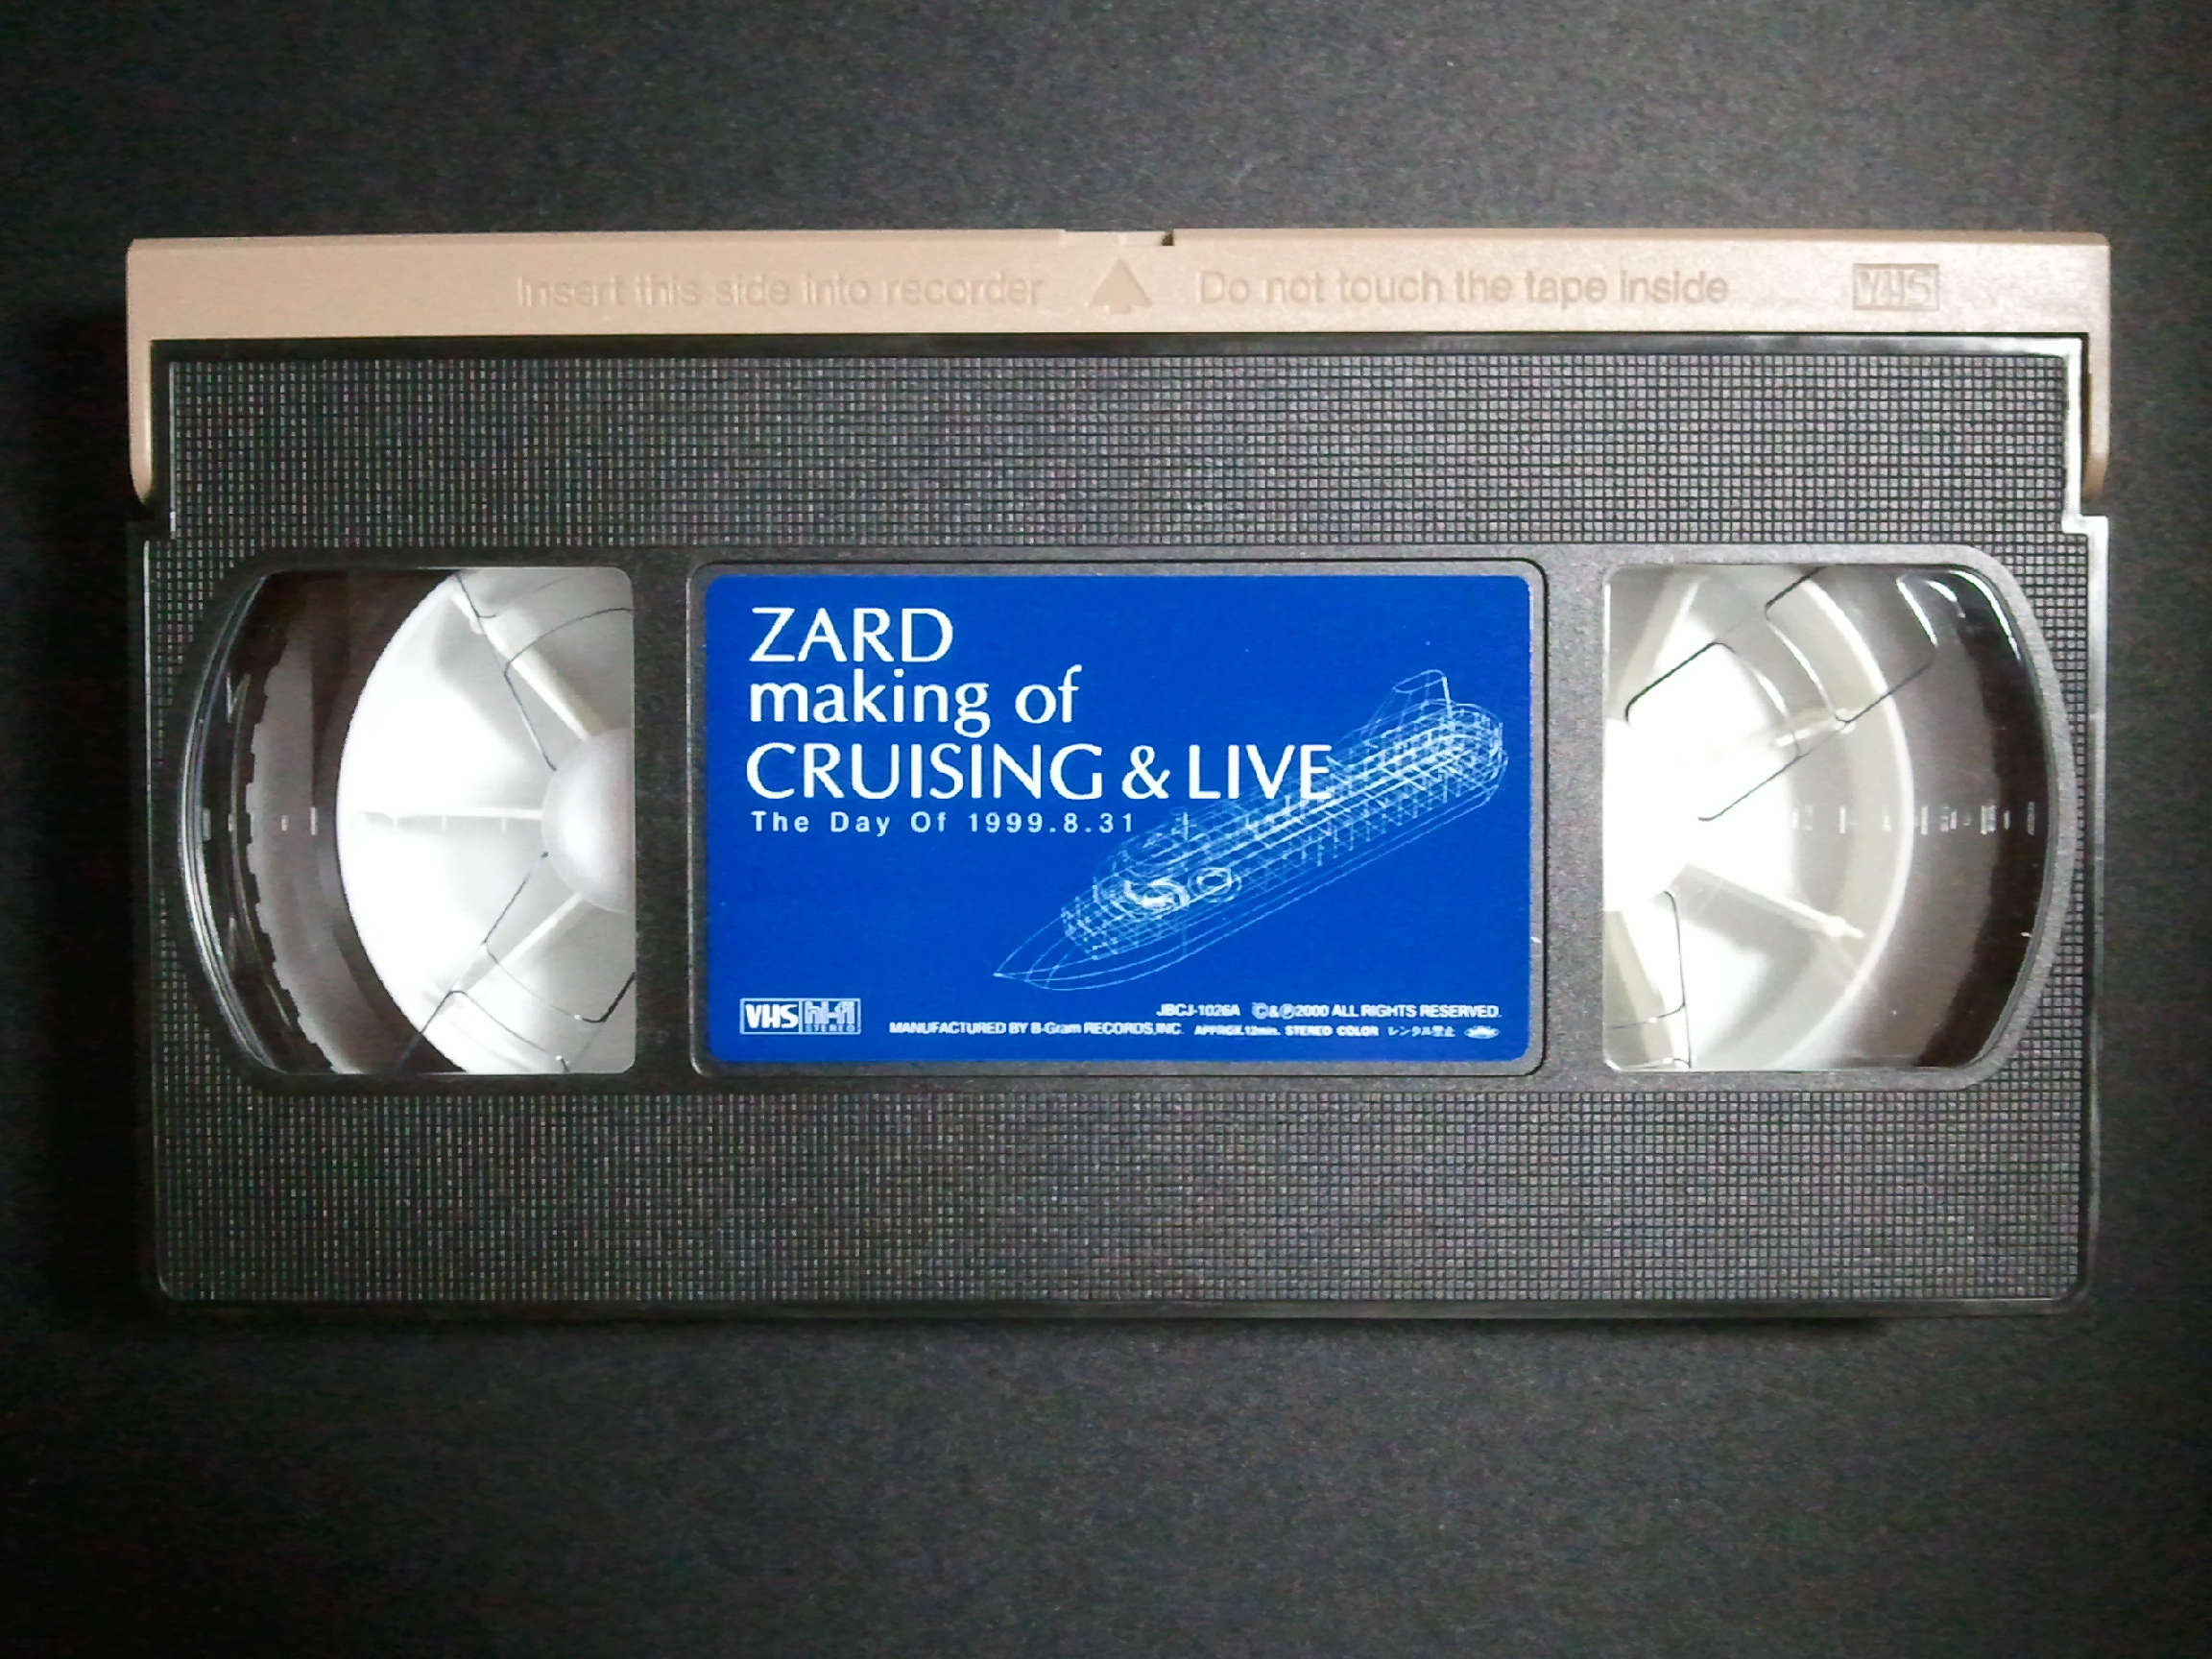 Zard Making of Cruising & Live